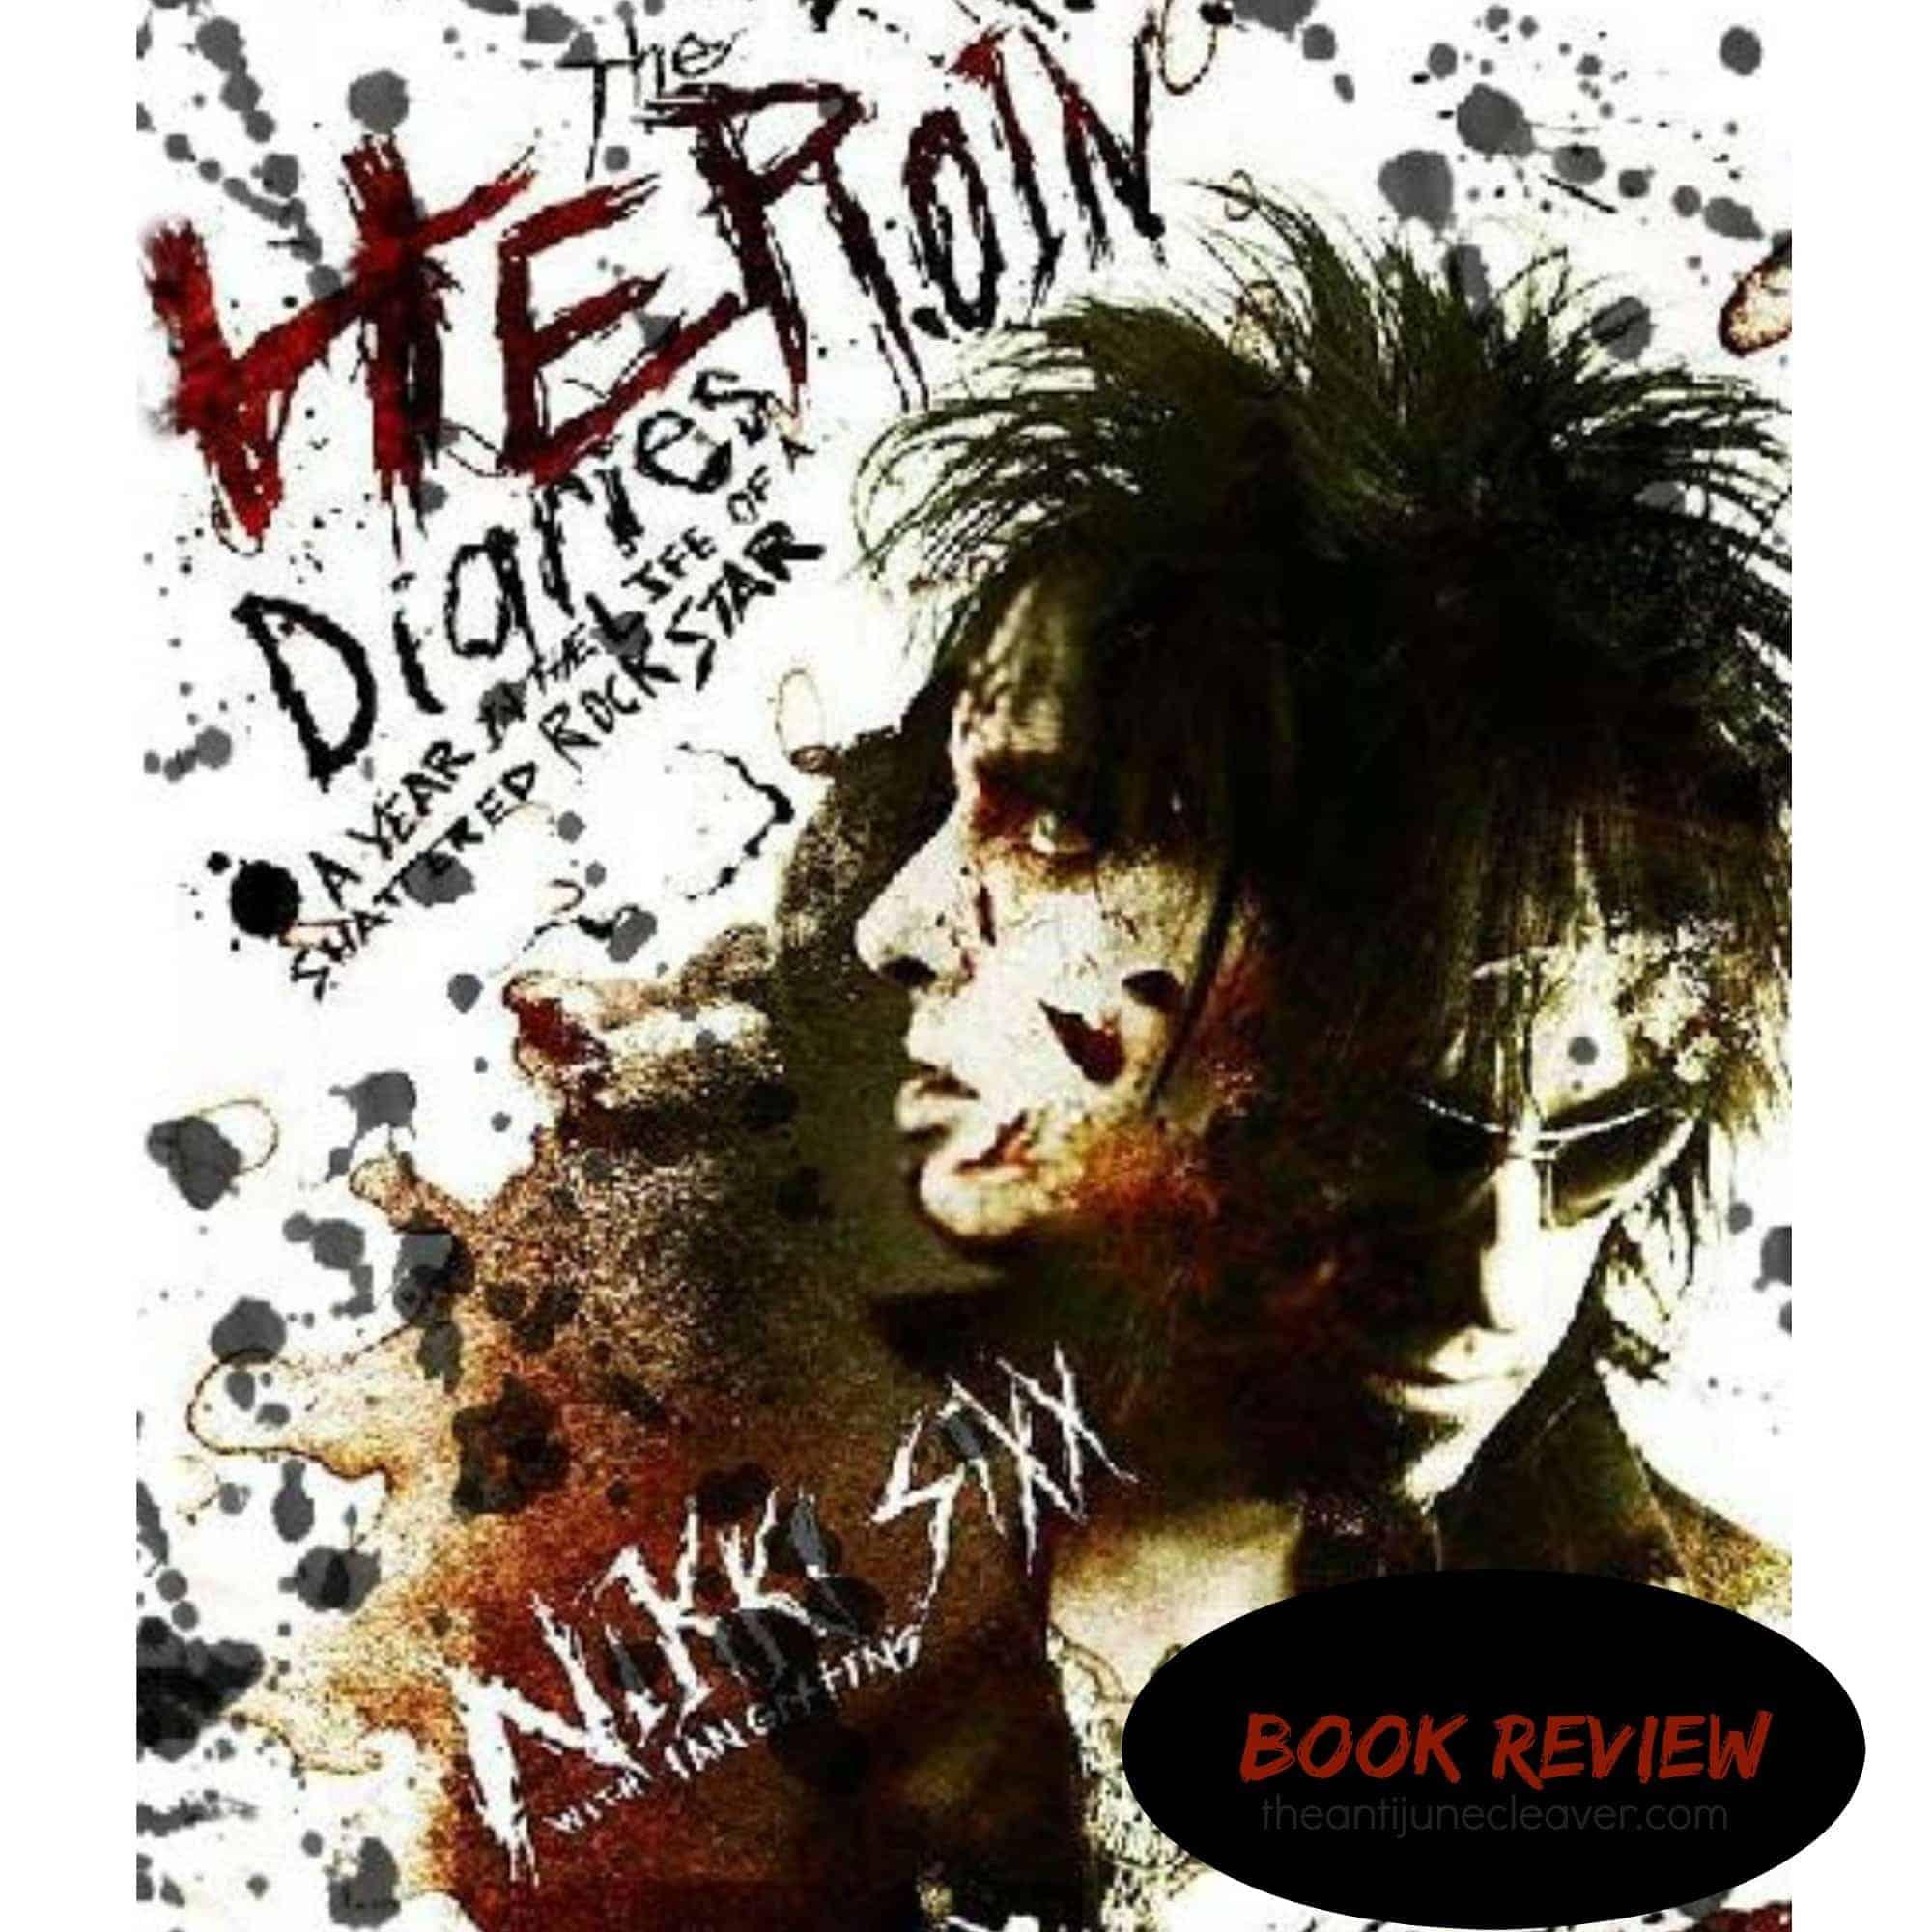 heroin diaries review